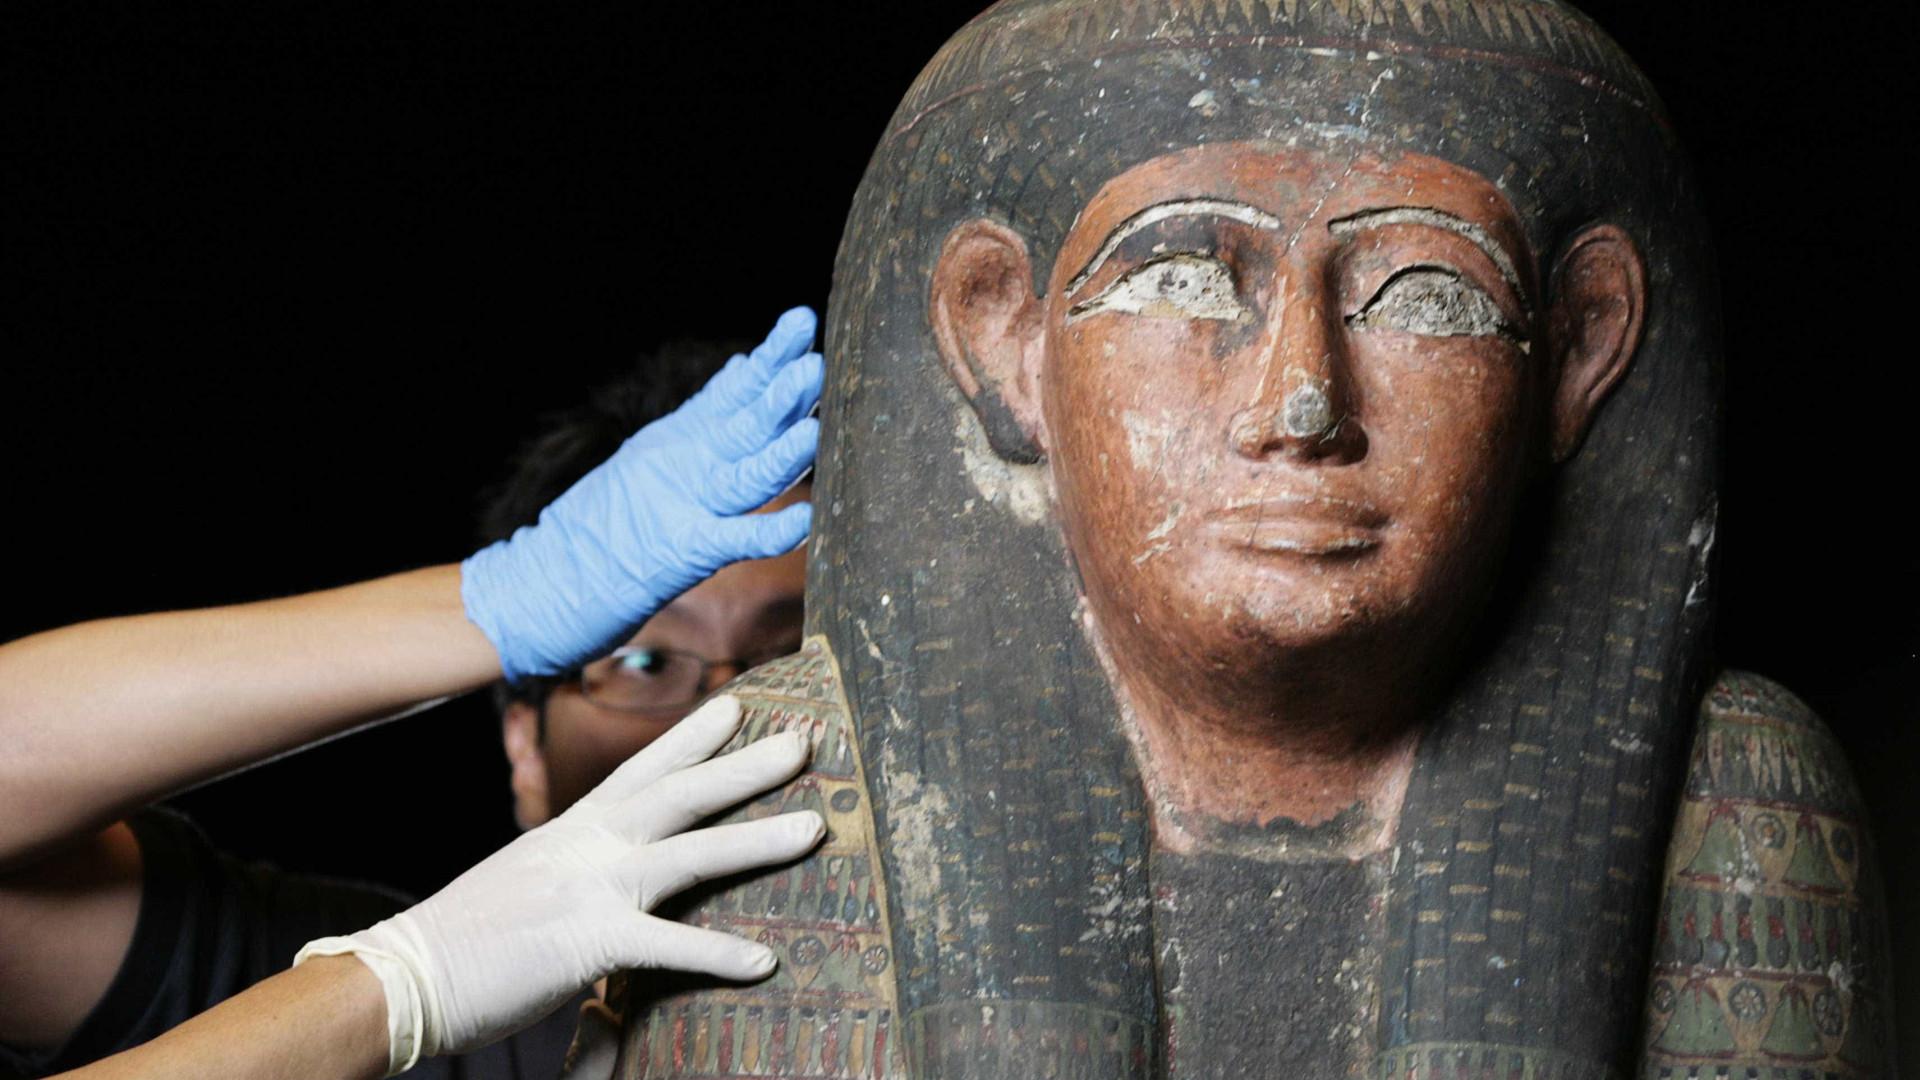 Múmia bem preservada do período greco-romano encontrada no Egito